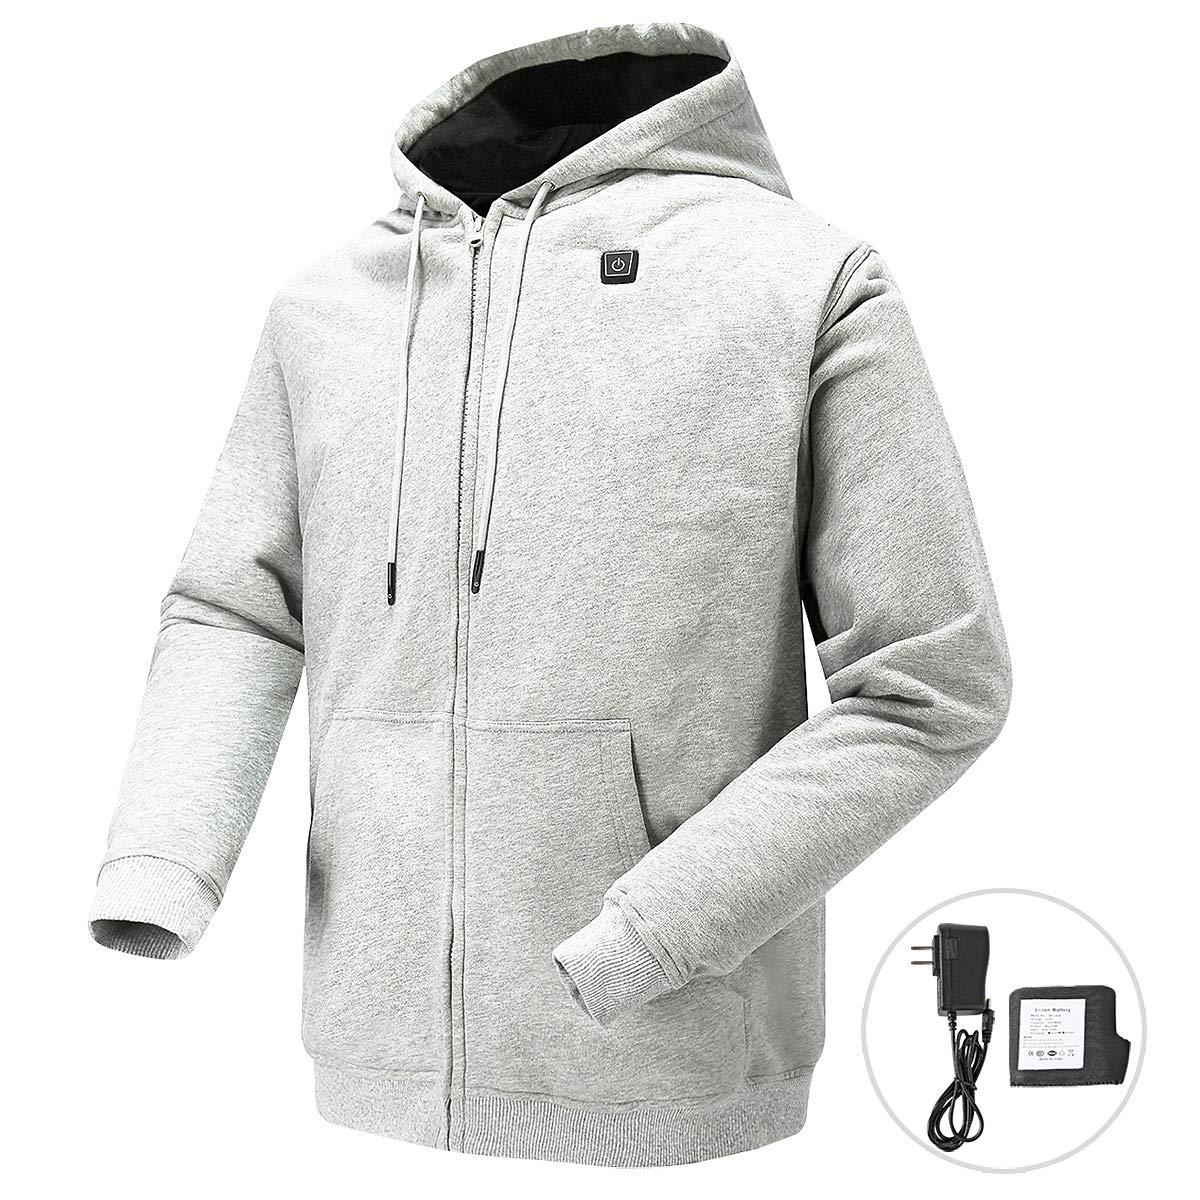 N NIFVAN Heated Hoodie with 7.4V Battery Pack for Men Women Full-Zip Fleece Hooded Sweatshirt